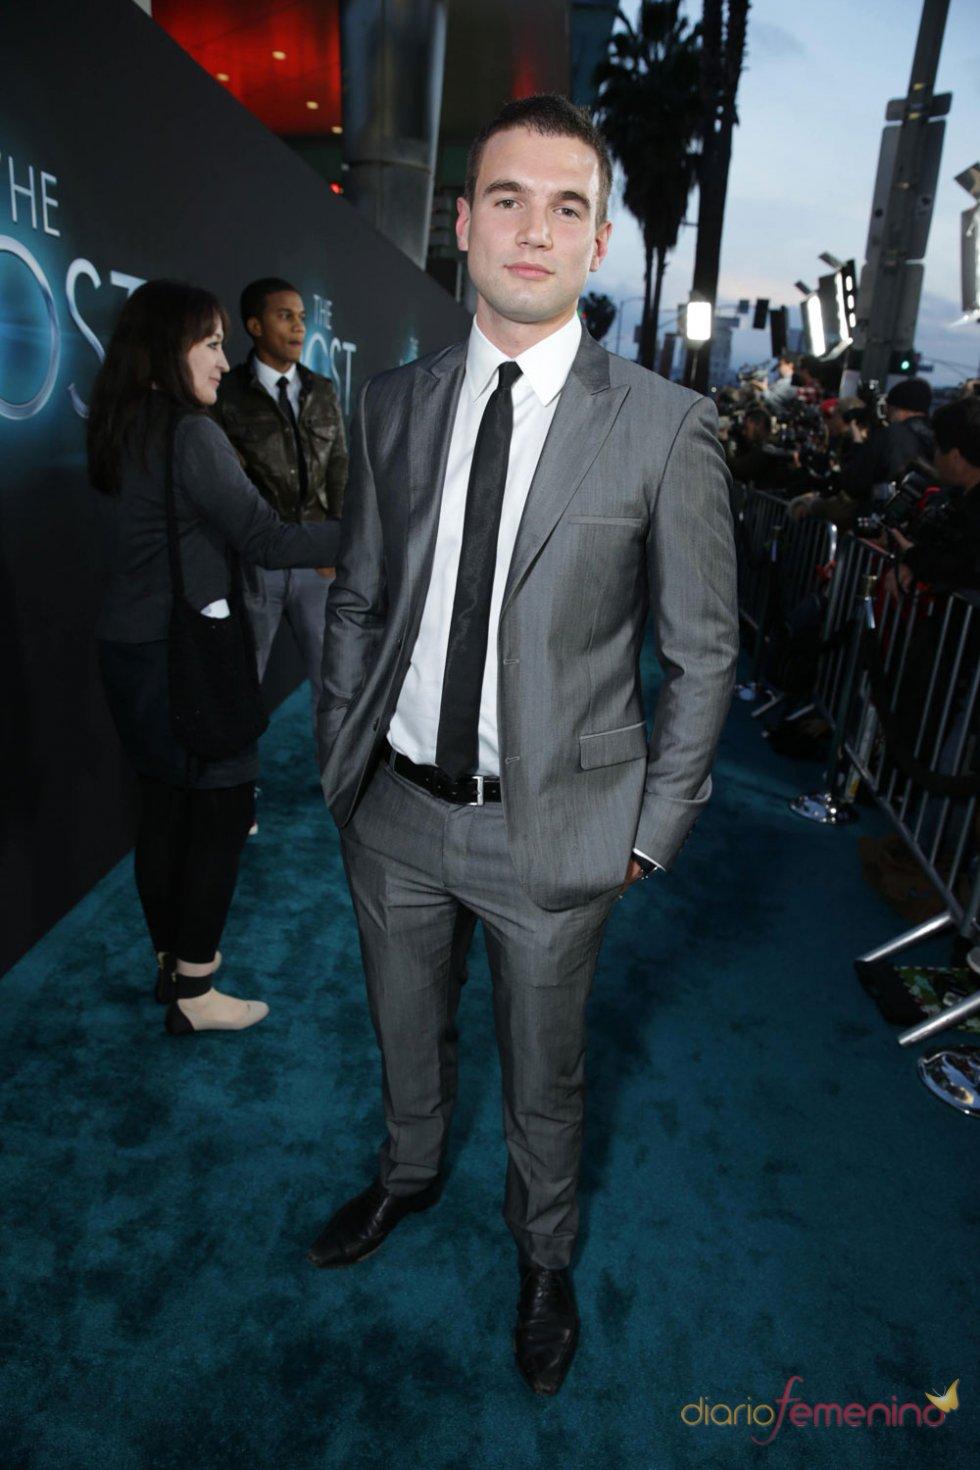 Alex Russell en el estreno de 'The Hist' en Los Ángeles